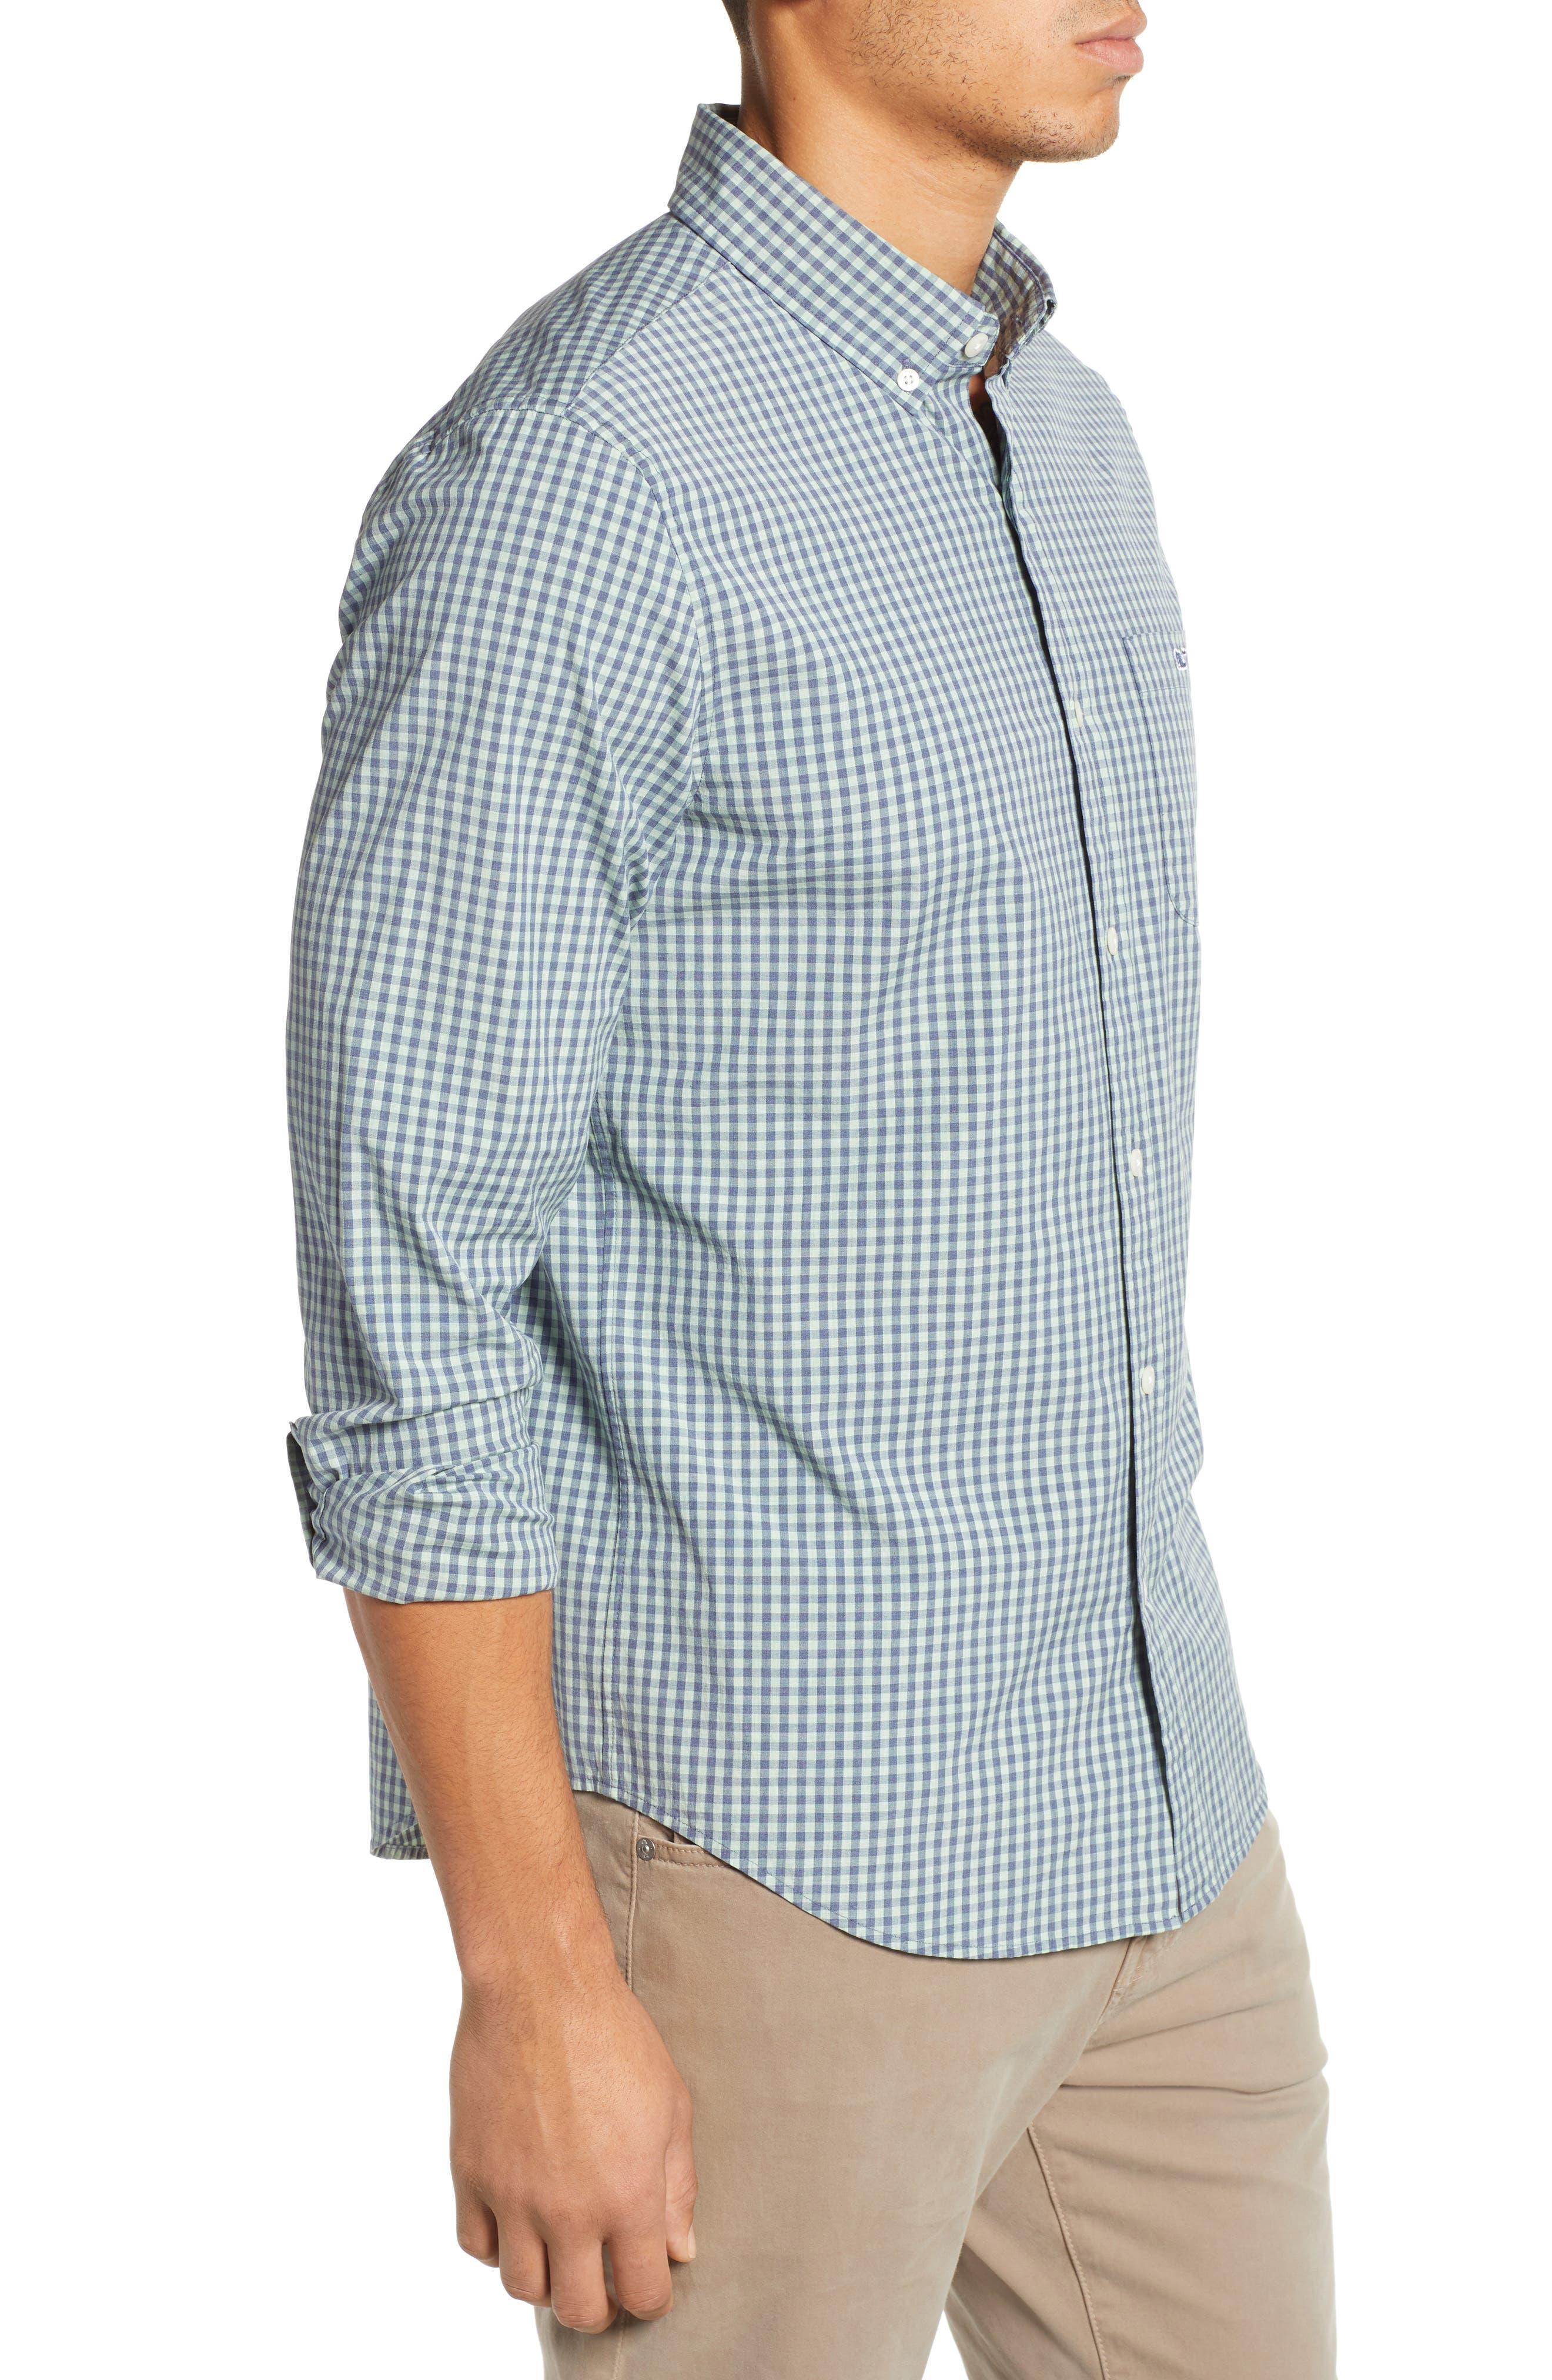 VINEYARD VINES, Gingham Check Sport Shirt, Alternate thumbnail 4, color, 362